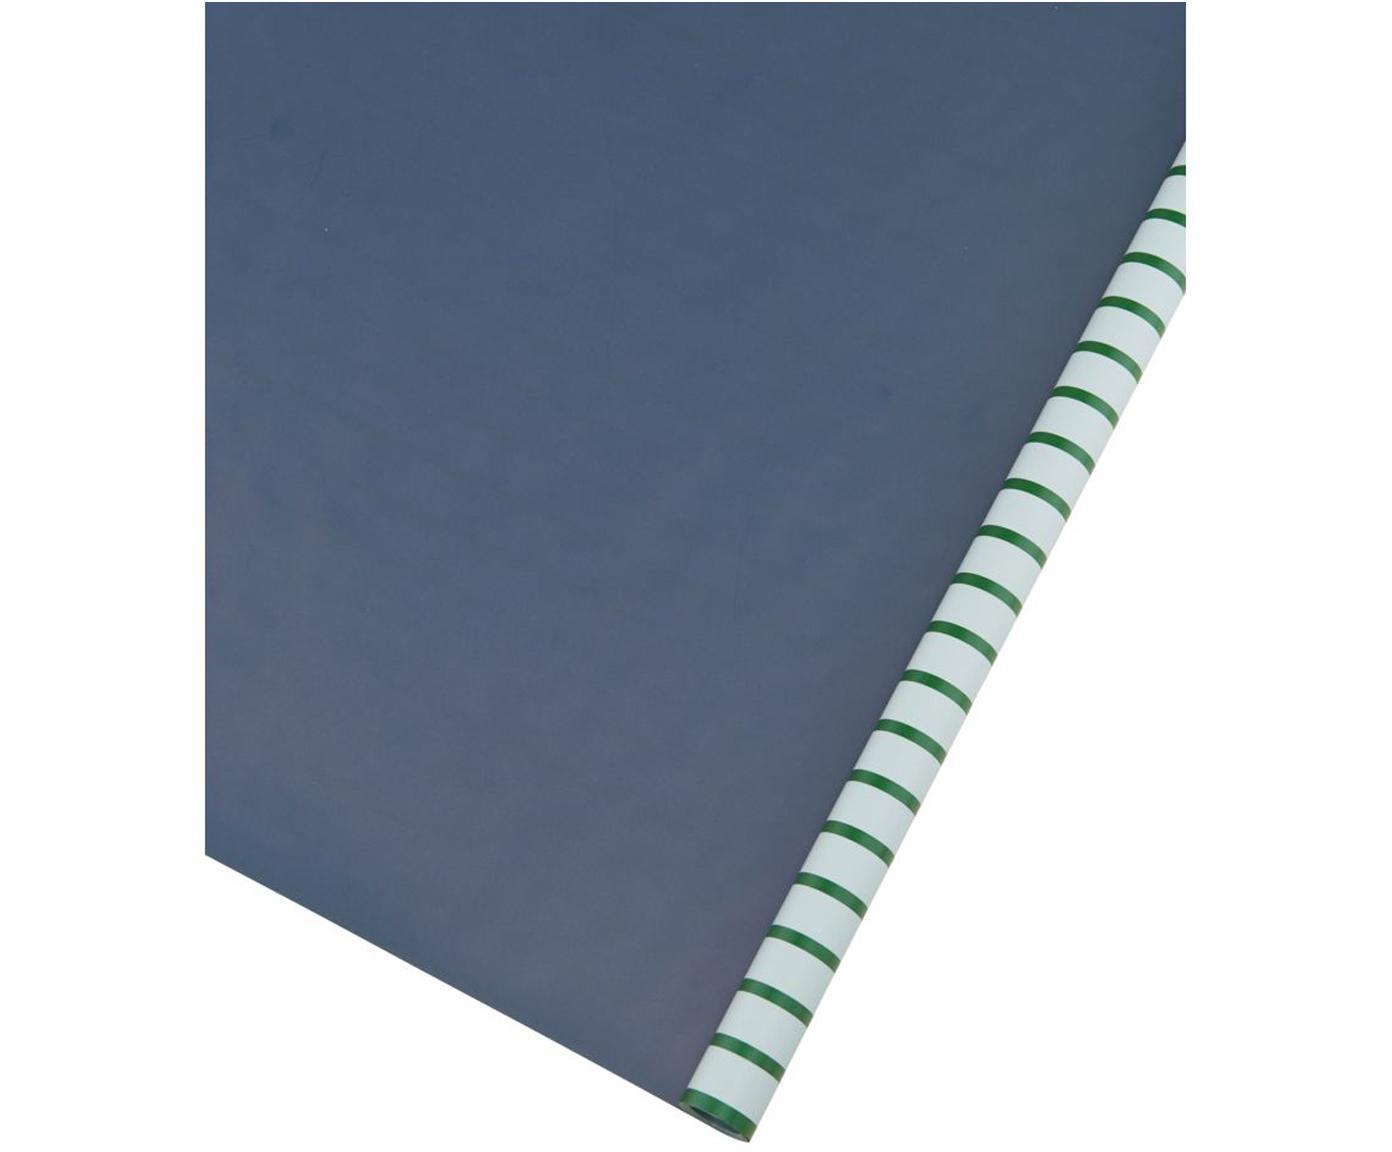 Papier prezentowy Stripey, Papier, Zielony, jasny niebieski, ciemny niebieski, S 50 x D 70 cm